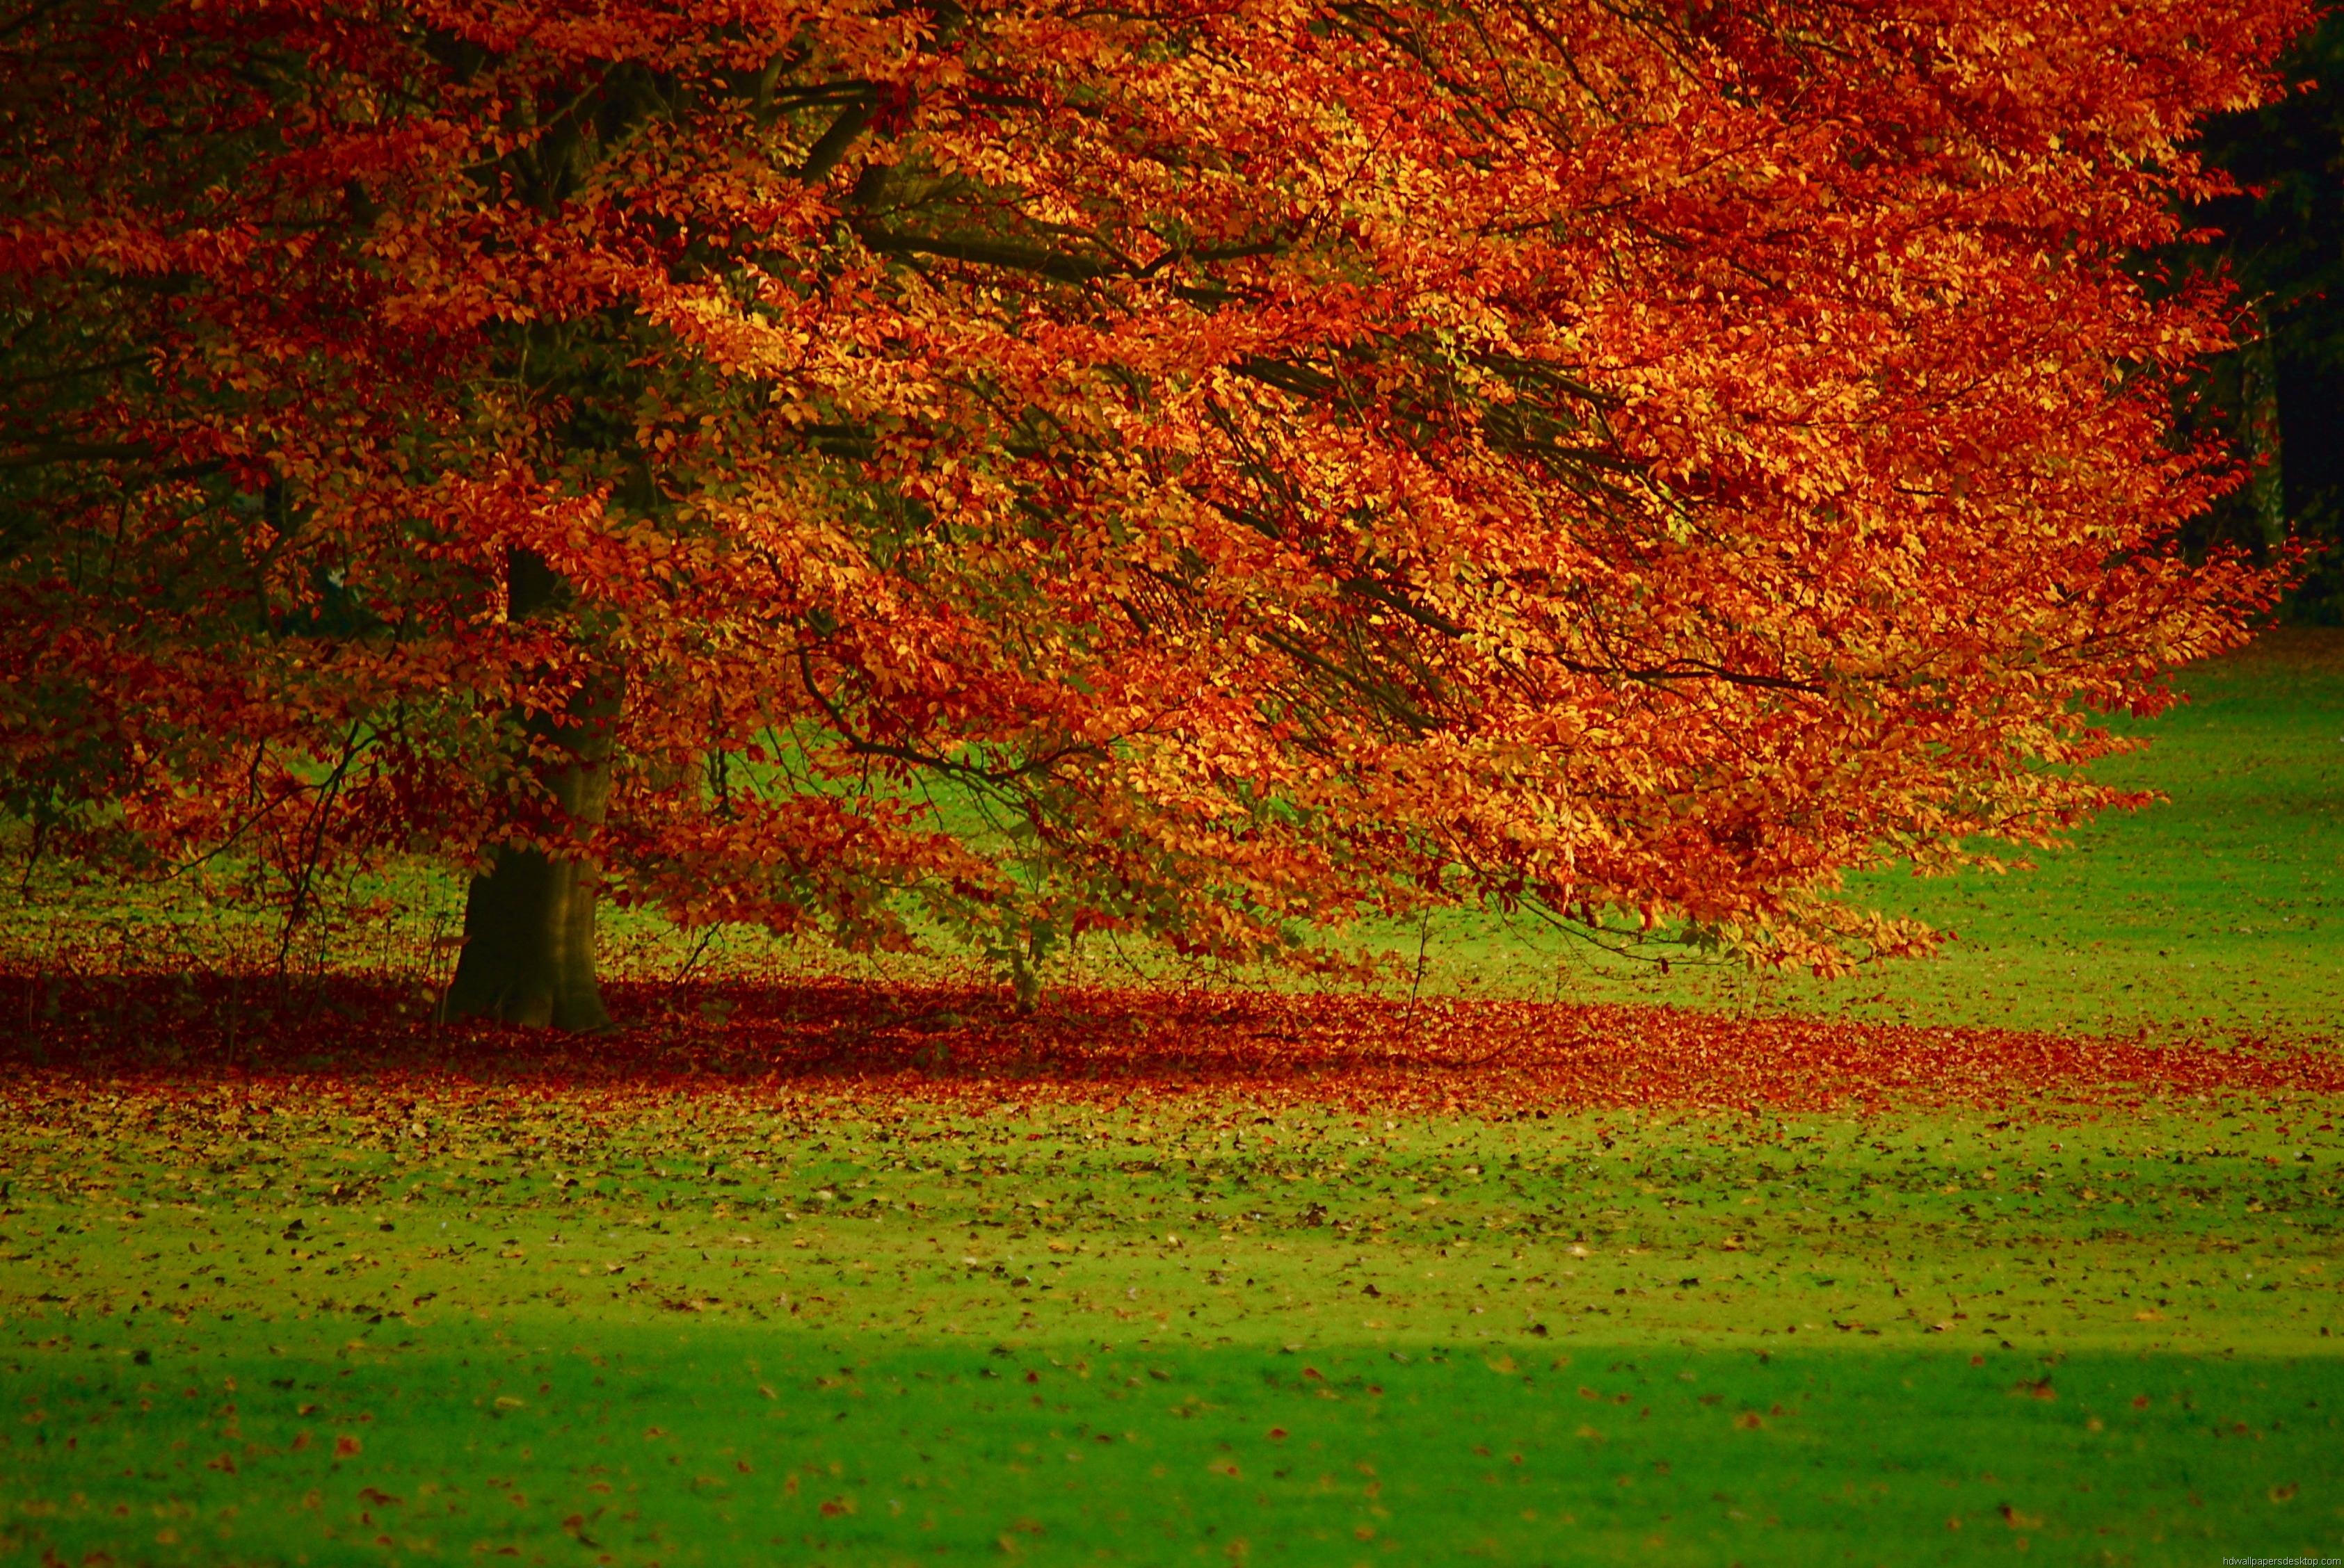 Nature hd desktop wallpaper wallpapersafari - Computer wallpaper nature ...